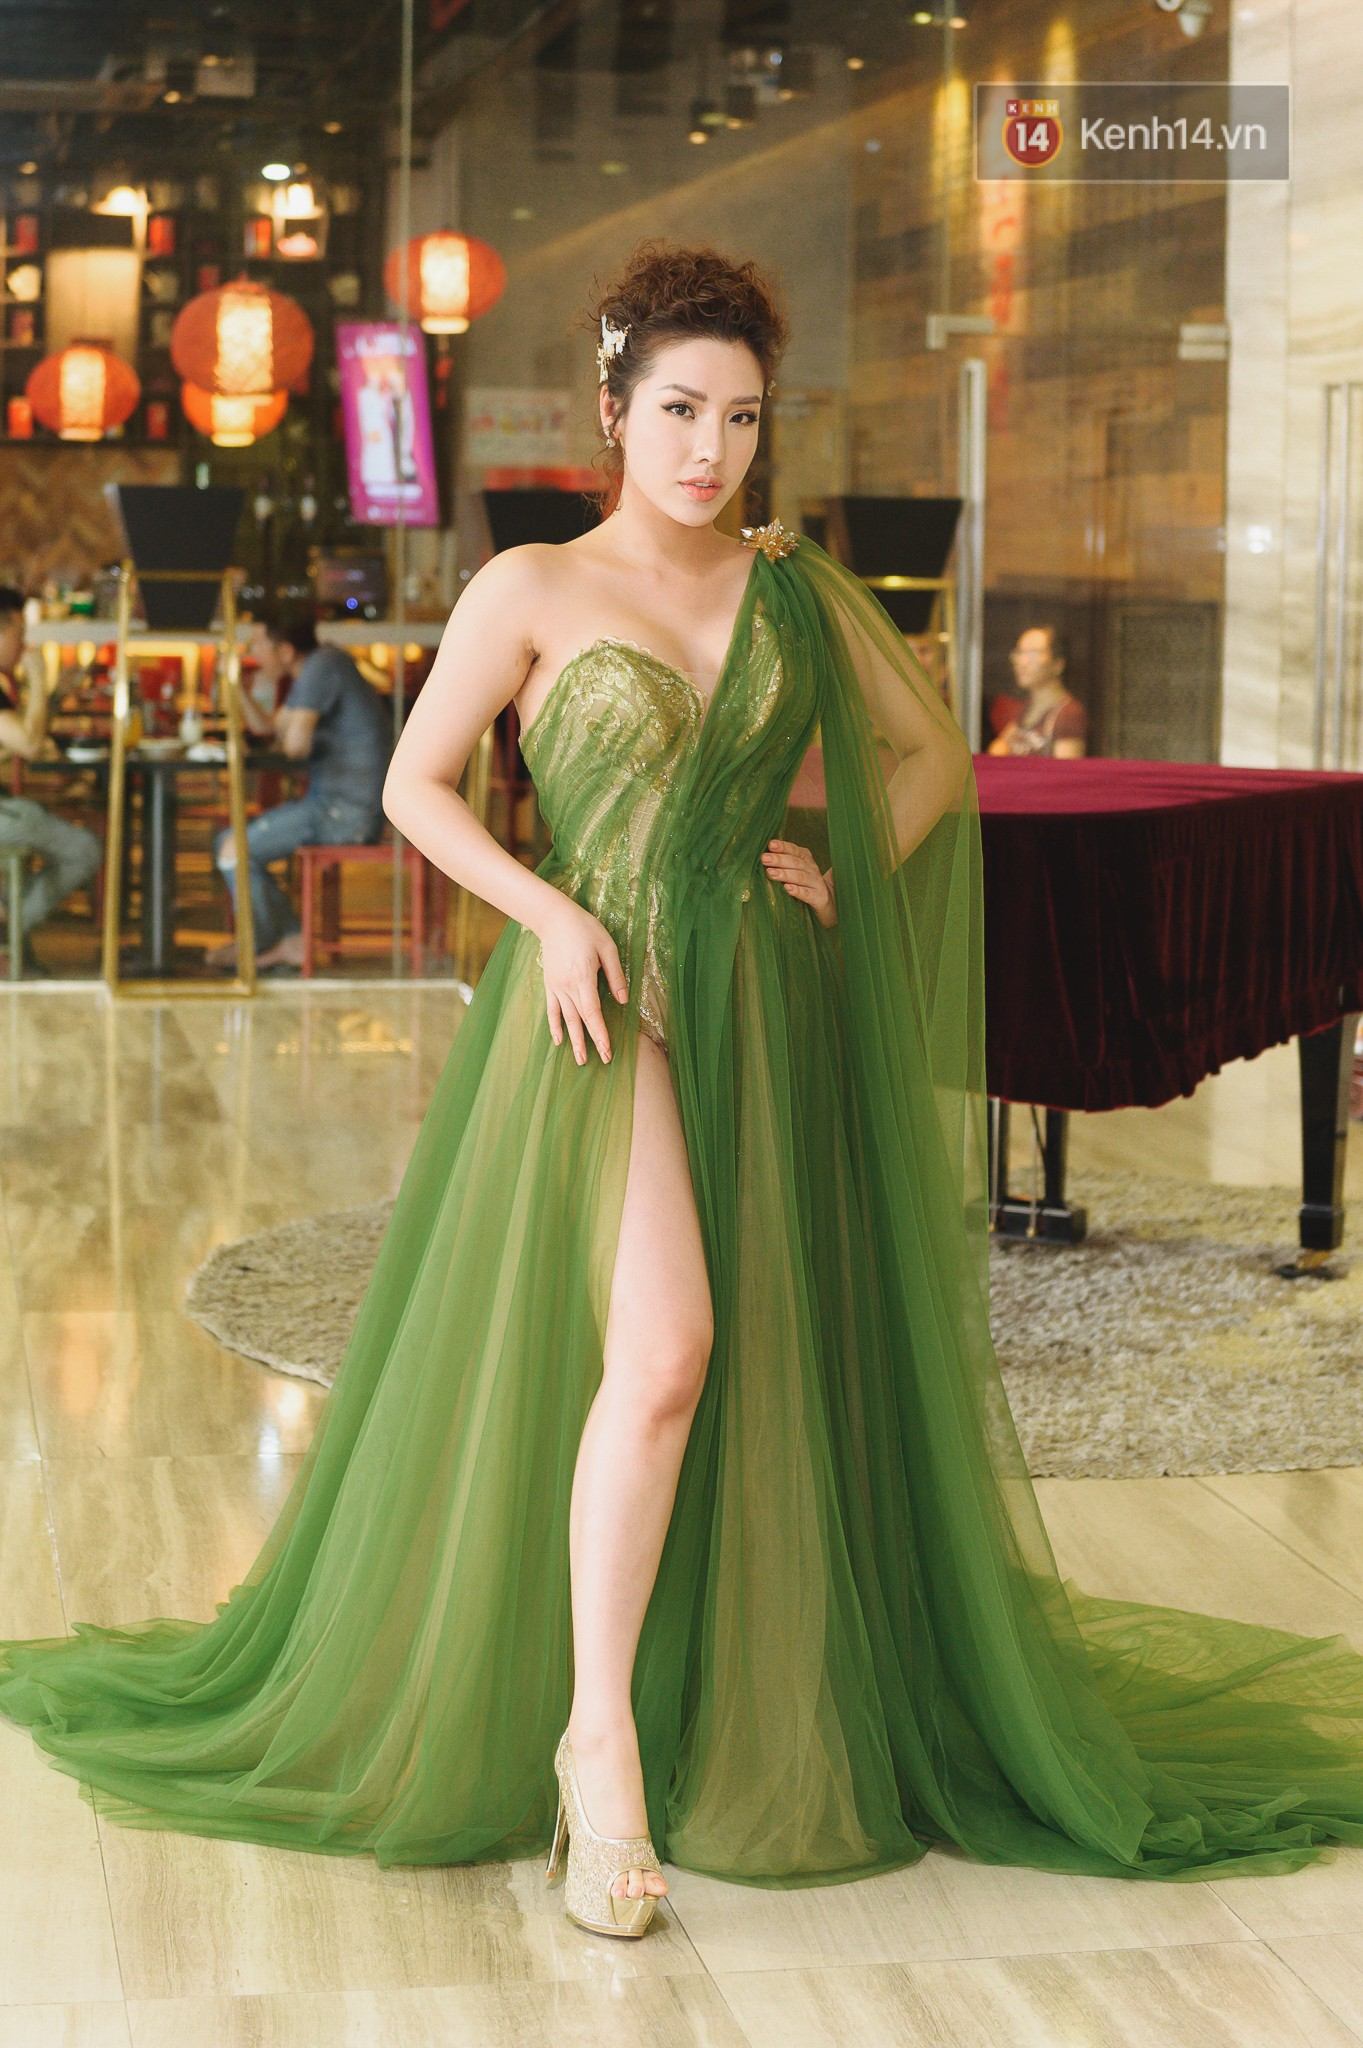 Tân Hoa hậu Siêu quốc gia 2018 phản ứng bất ngờ về loạt scandal của Minh Tú tại Miss Supranational 2018 - Ảnh 14.